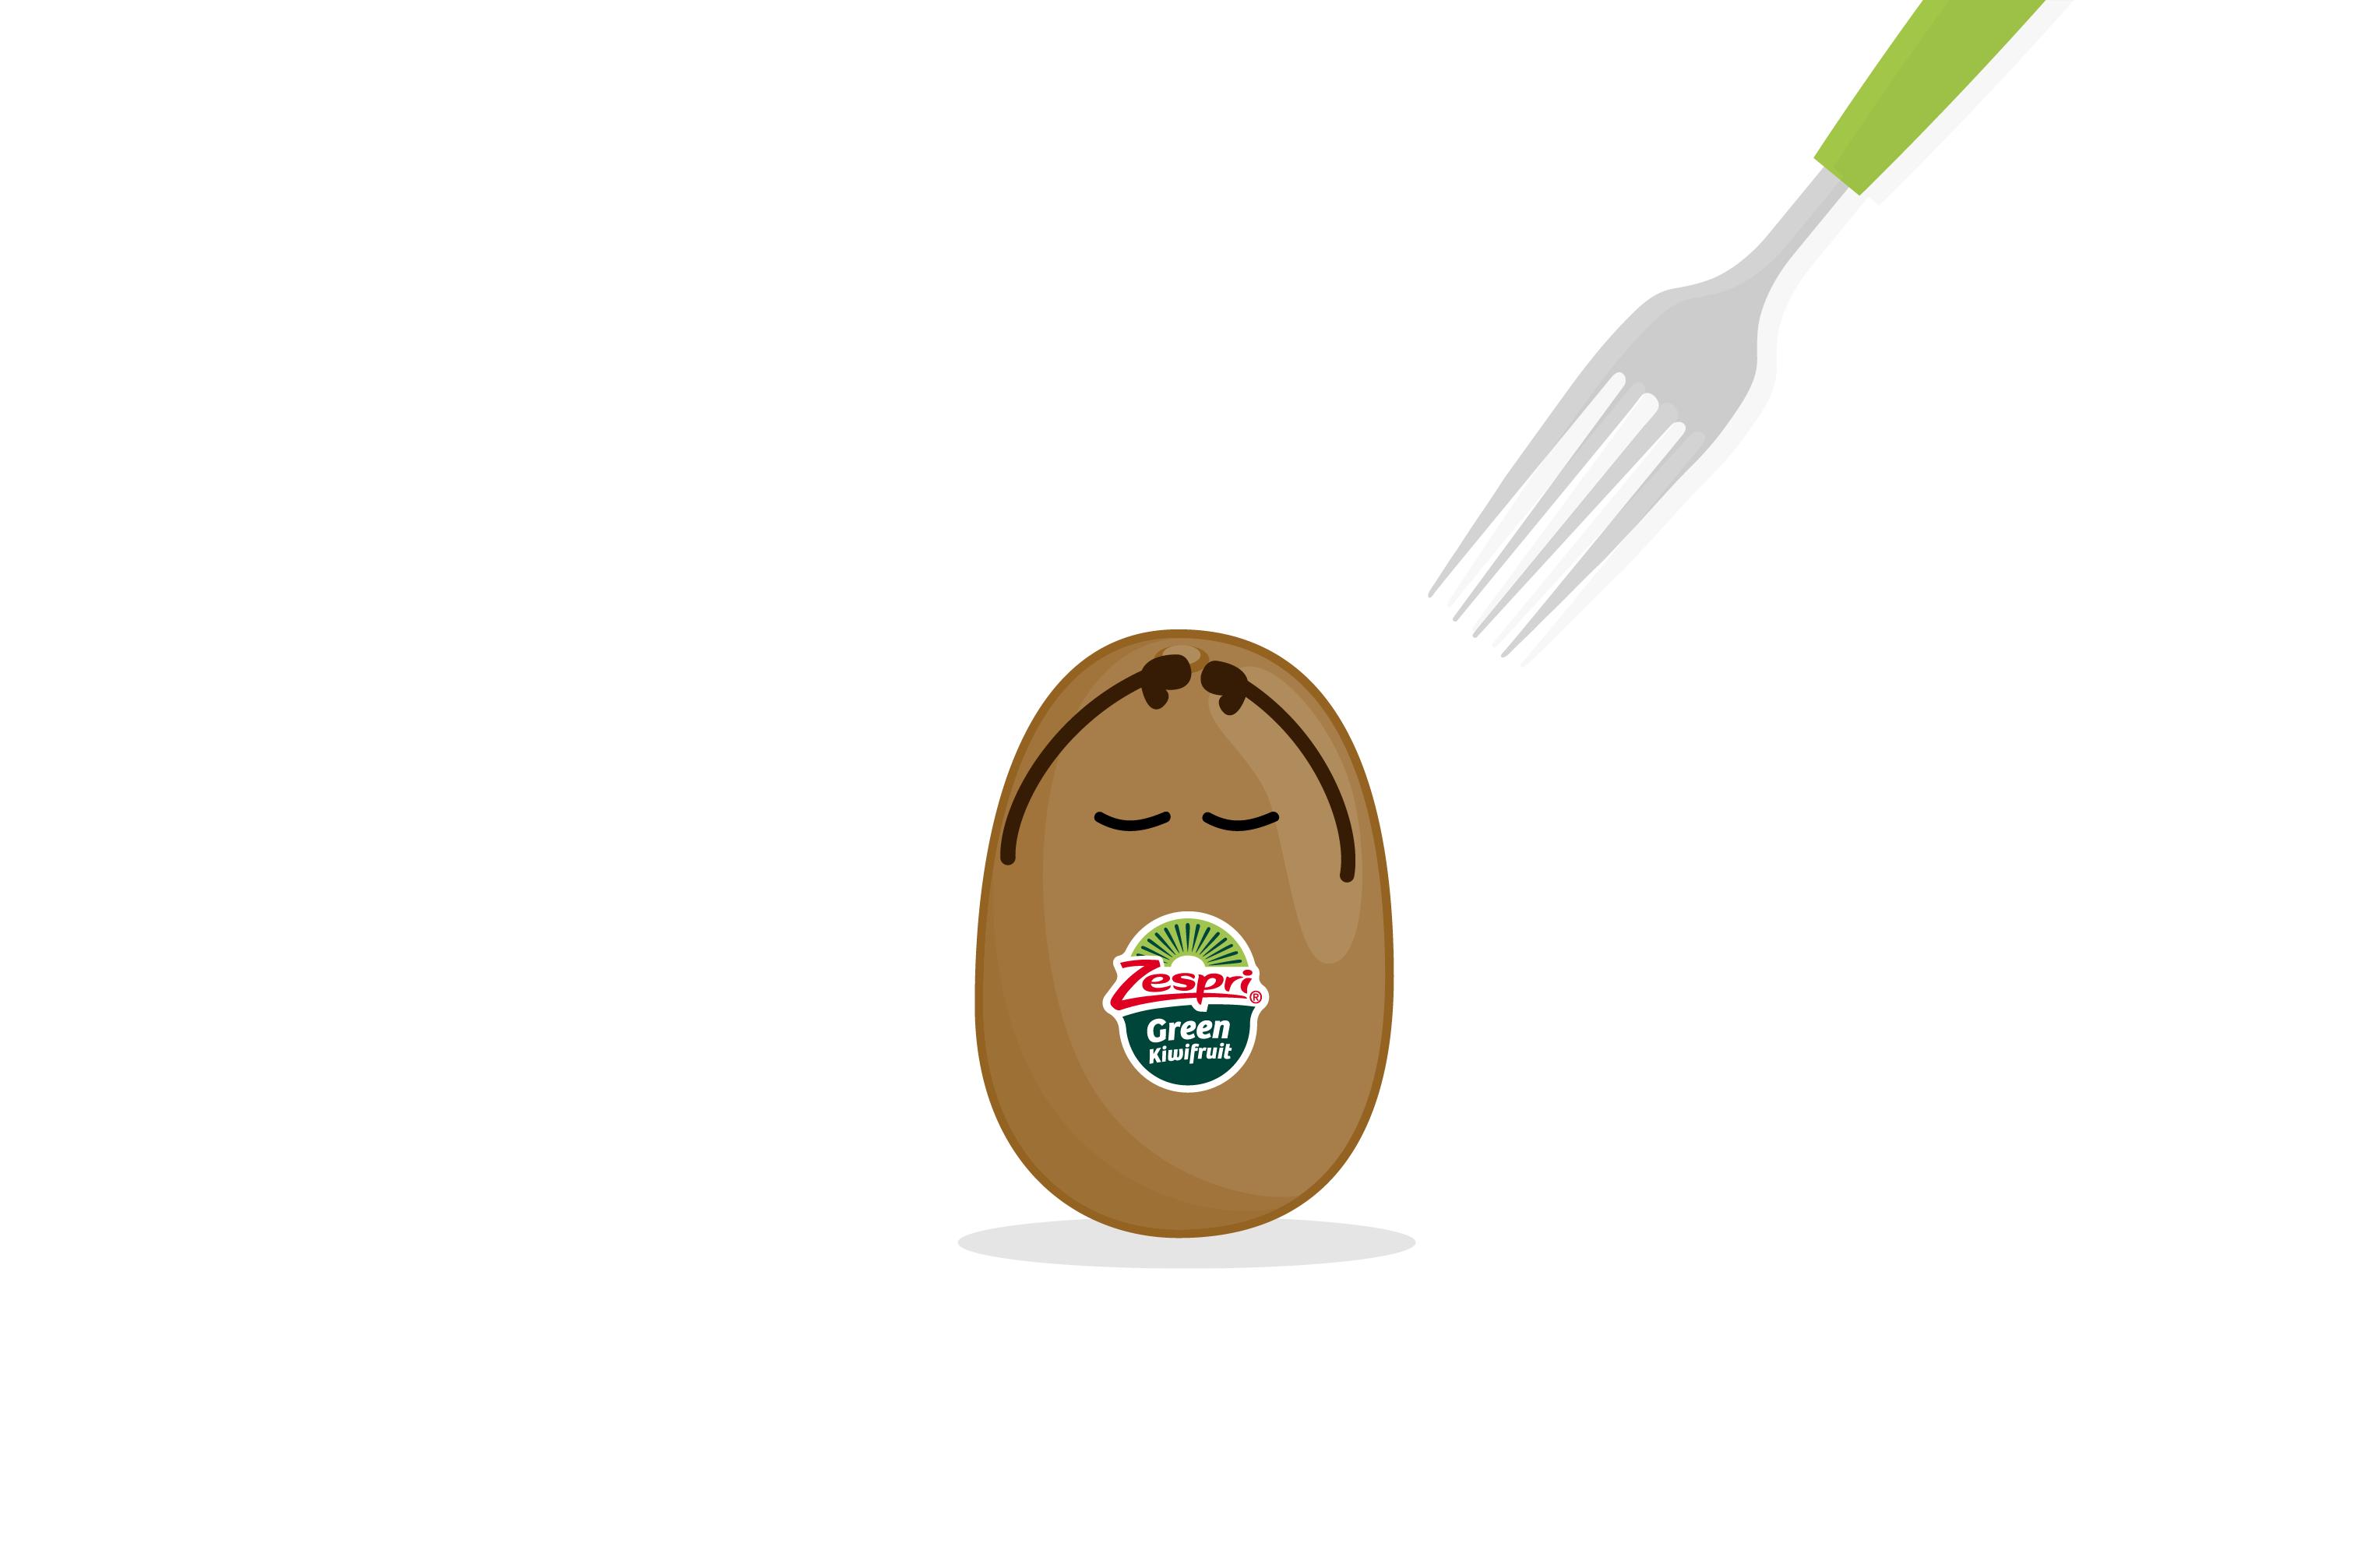 Can_Zespri_Green_kiwifruit_be_crushed_copia.png